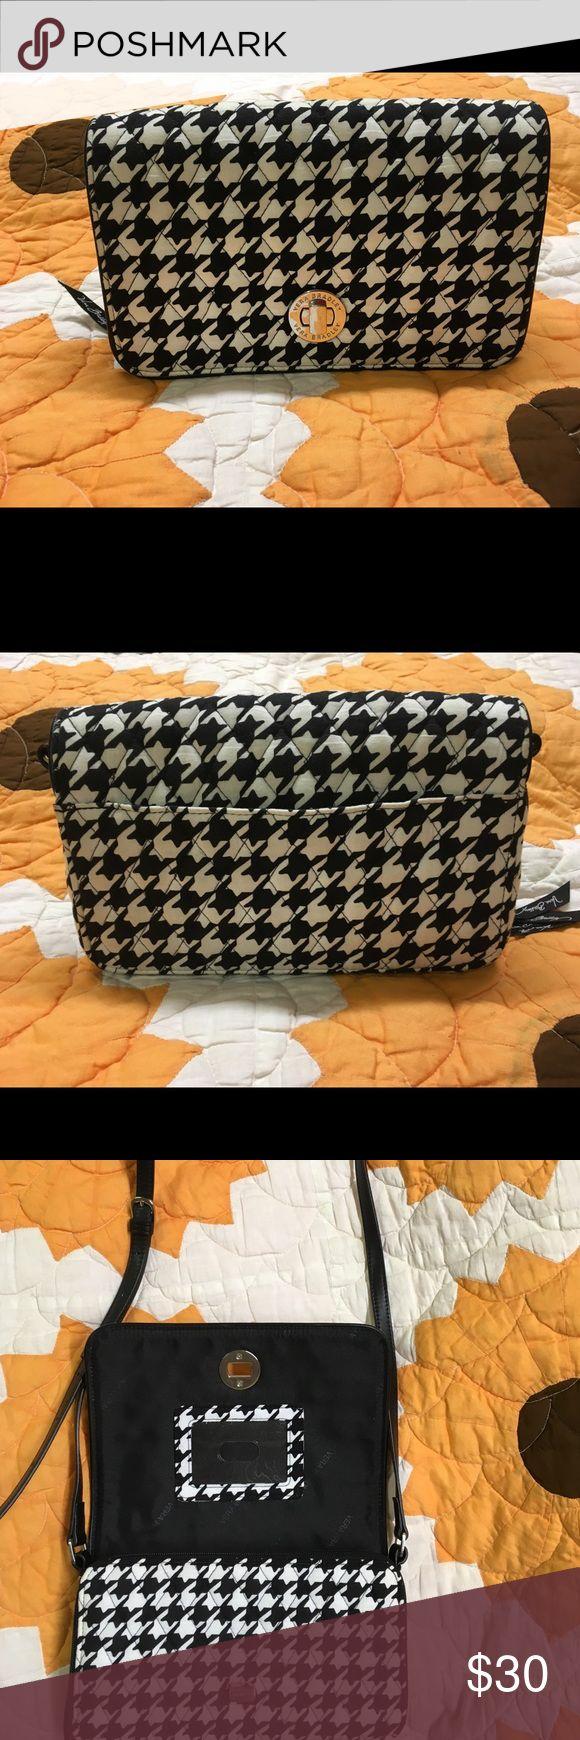 Vera Bradley handbag Turn lock snap, crossbody handbag with quilted houndstooth design; purchased from the Vera Bradley store Vera Bradley Bags Crossbody Bags